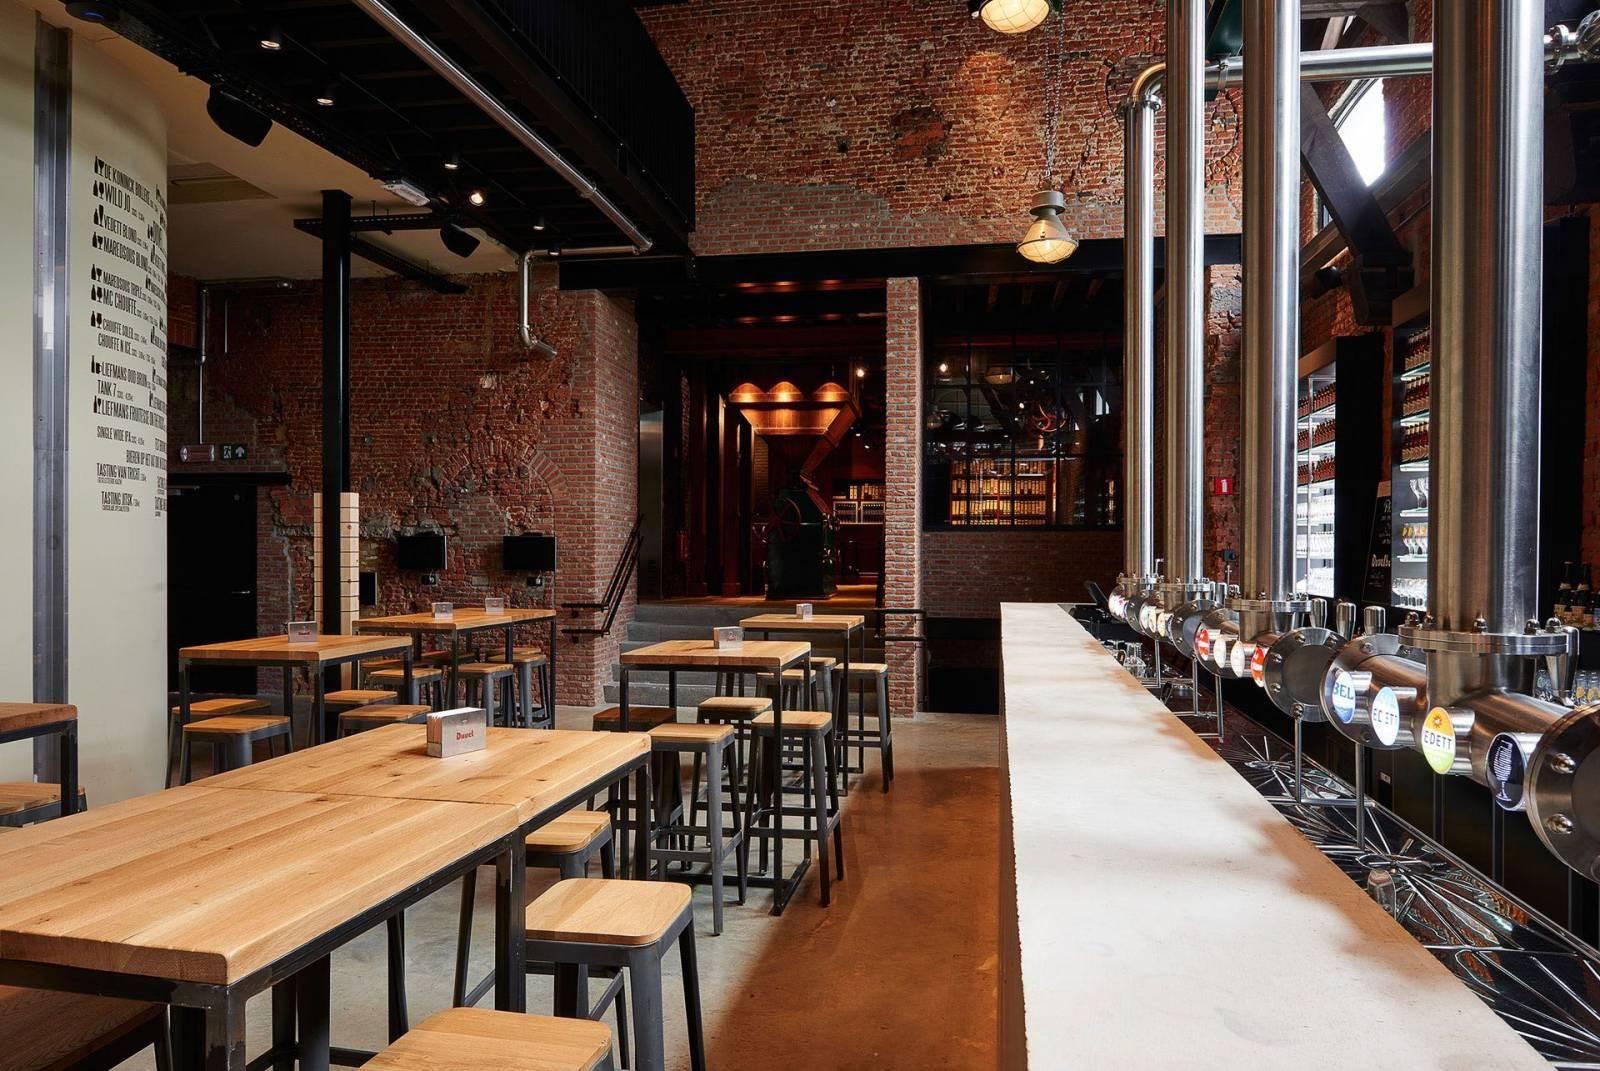 Stadsbrouwerij De Koninck - Feestzaal Antwerpen - House of Weddings - 12